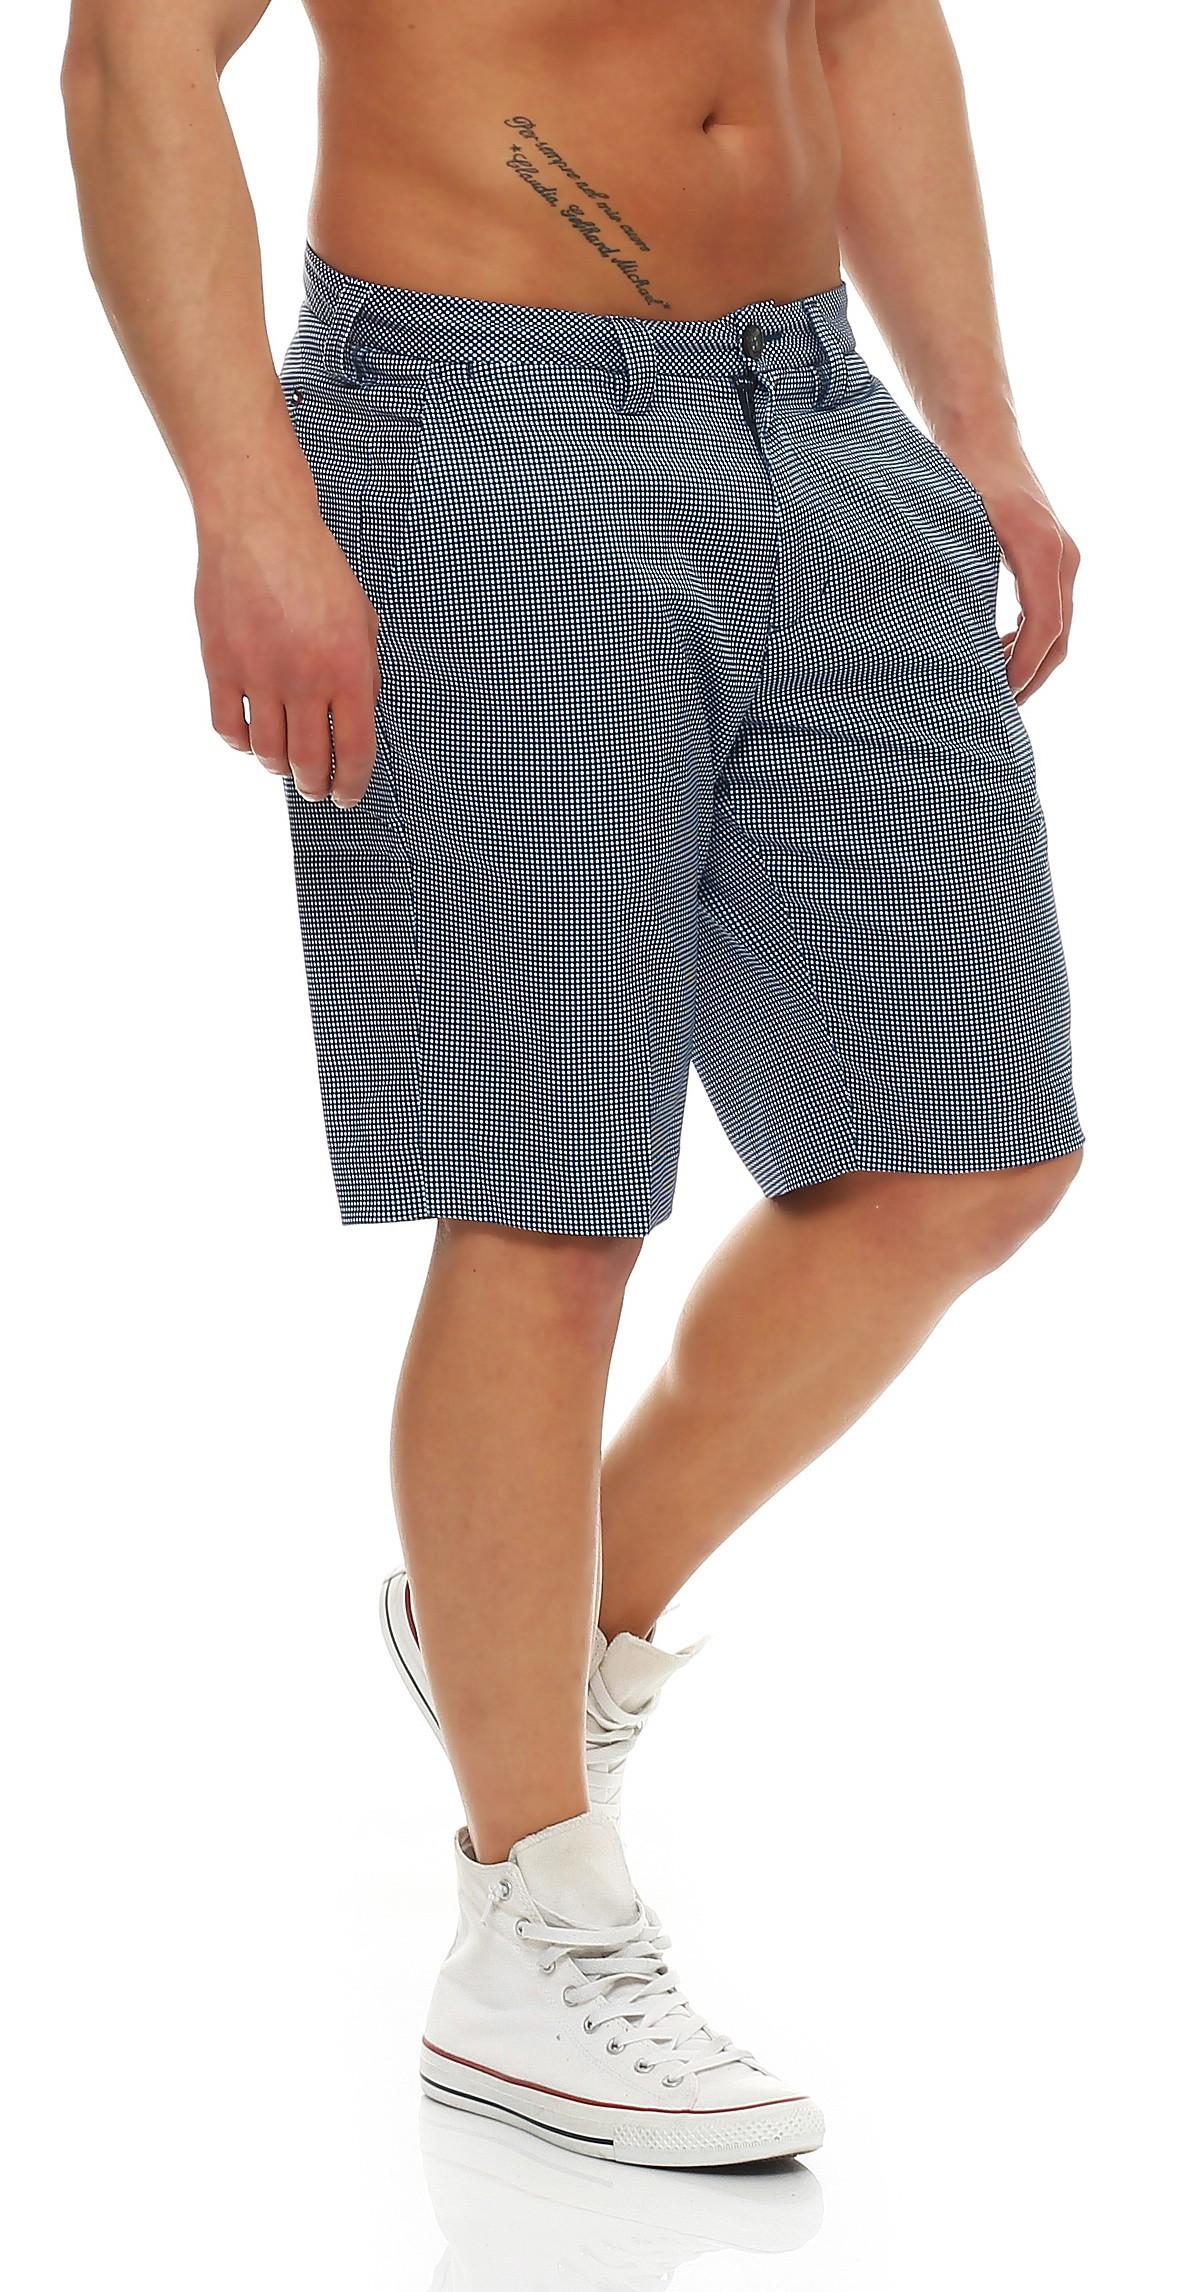 hochwertige tommy hilfiger herren golf shorts mit logo und. Black Bedroom Furniture Sets. Home Design Ideas